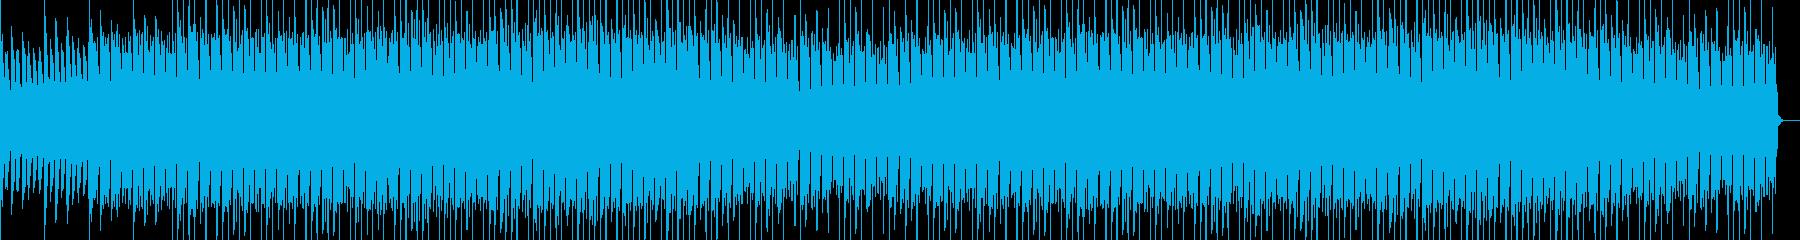 ぼんやりとしたコンセプトの再生済みの波形